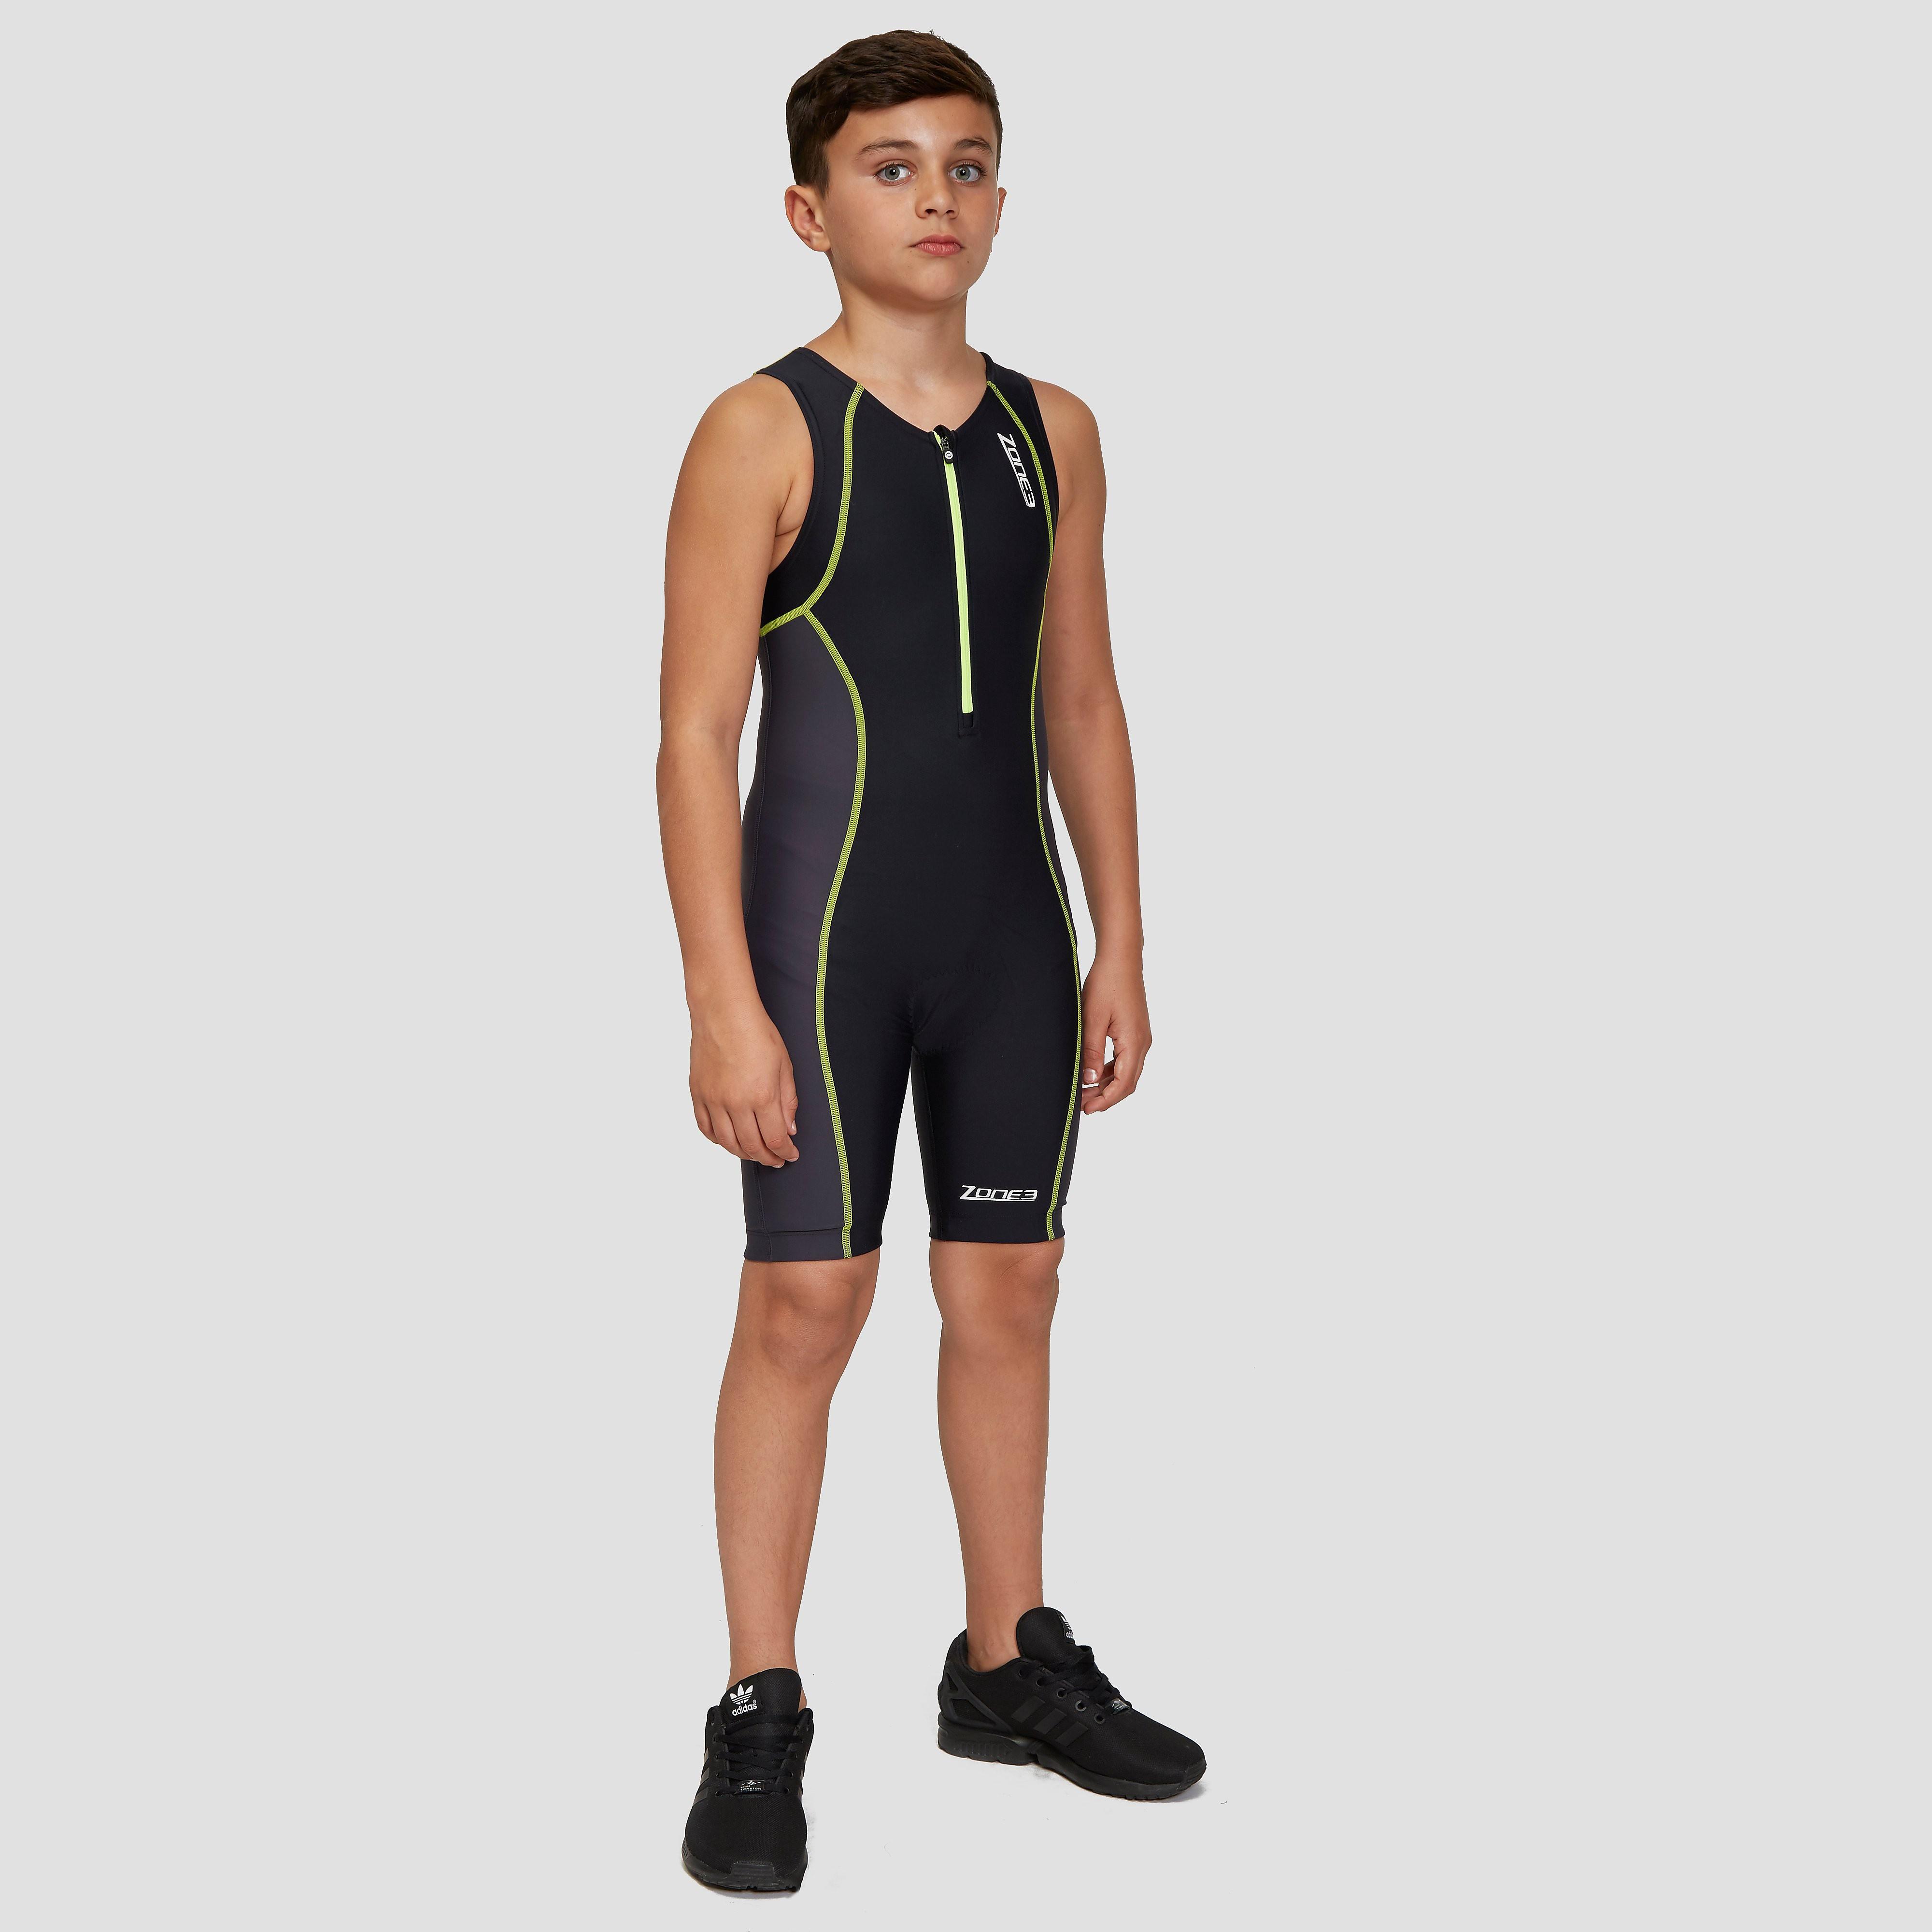 Zone 3 Junior Tri Suit